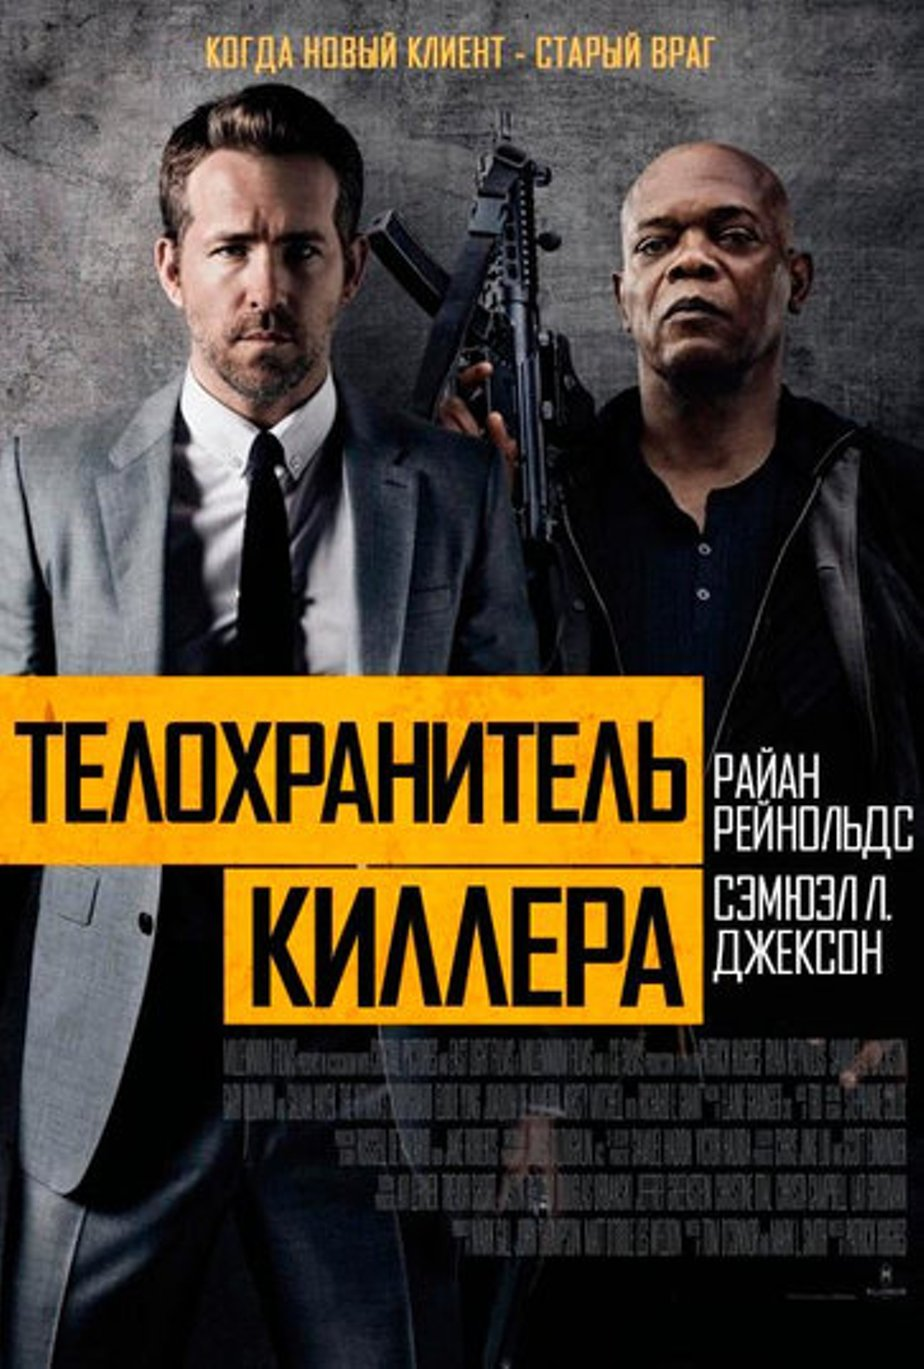 Кредо убийцы 2017  фильм актеры трейлер